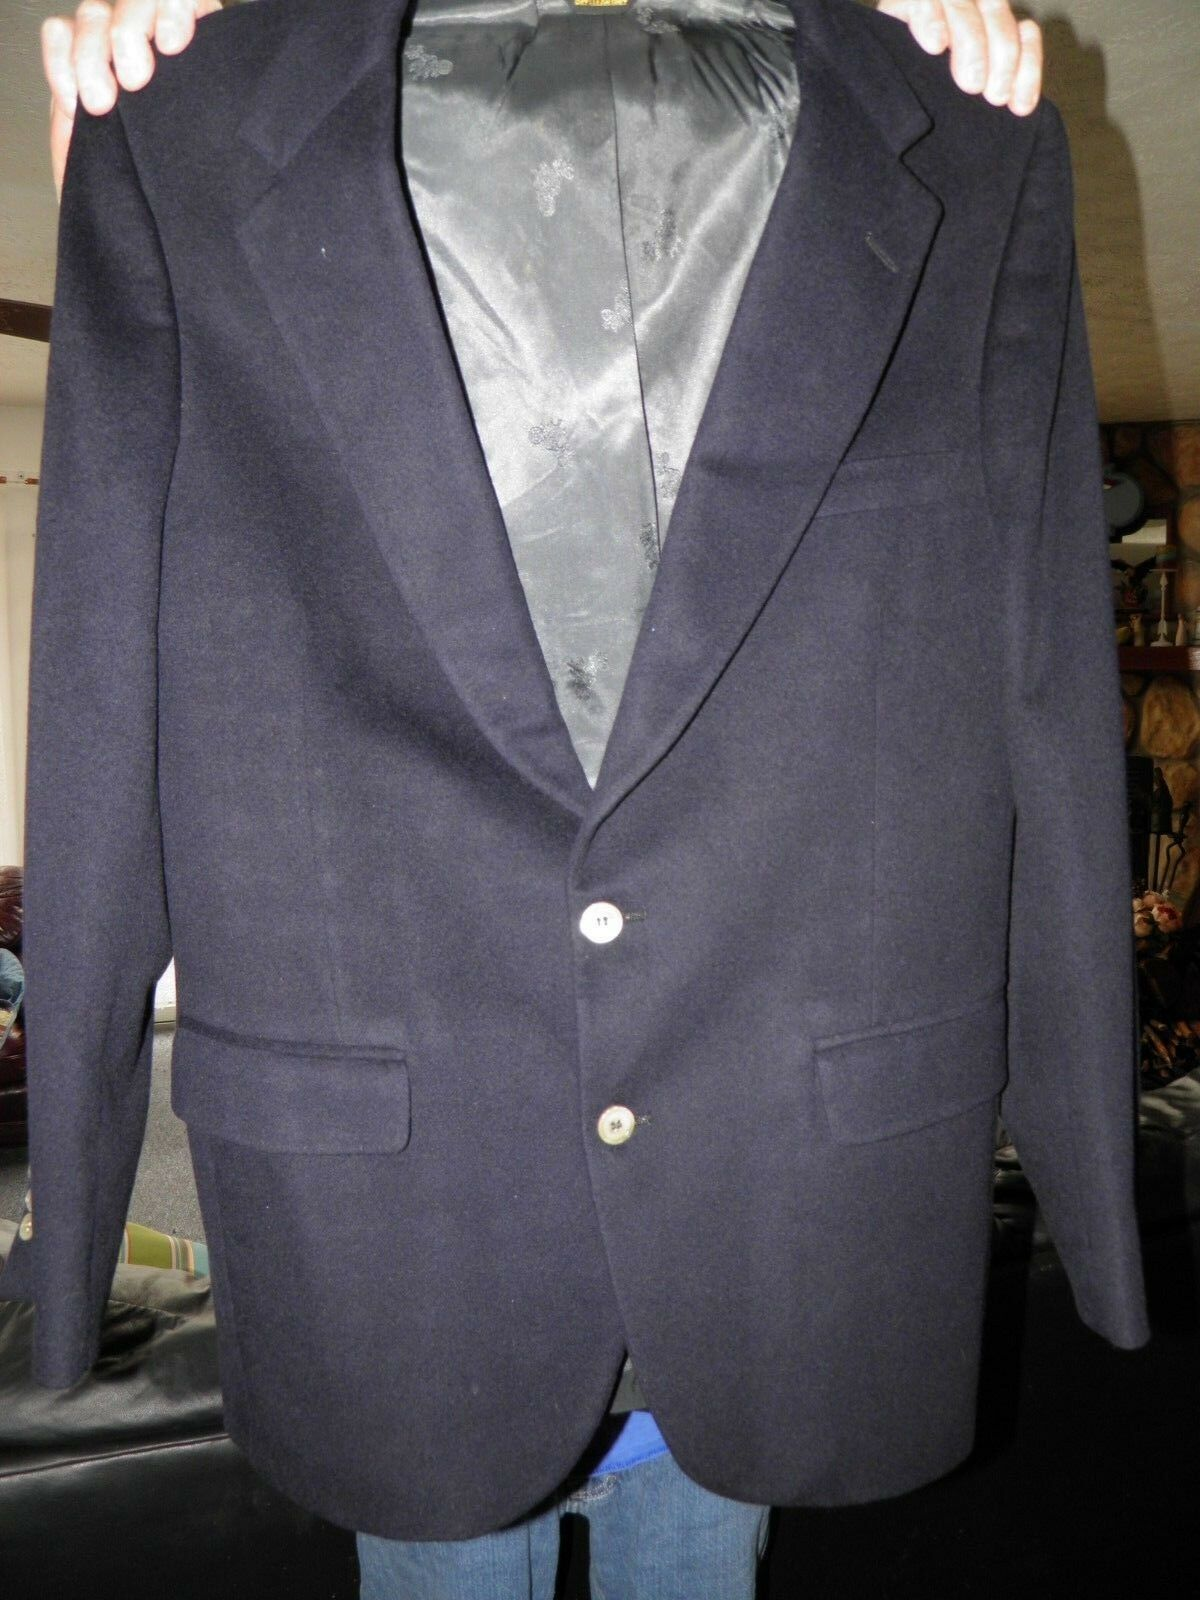 Men's Dark bluee SSSSSSSSS 100 % Cashmere Sport Coat Blazer 40 R